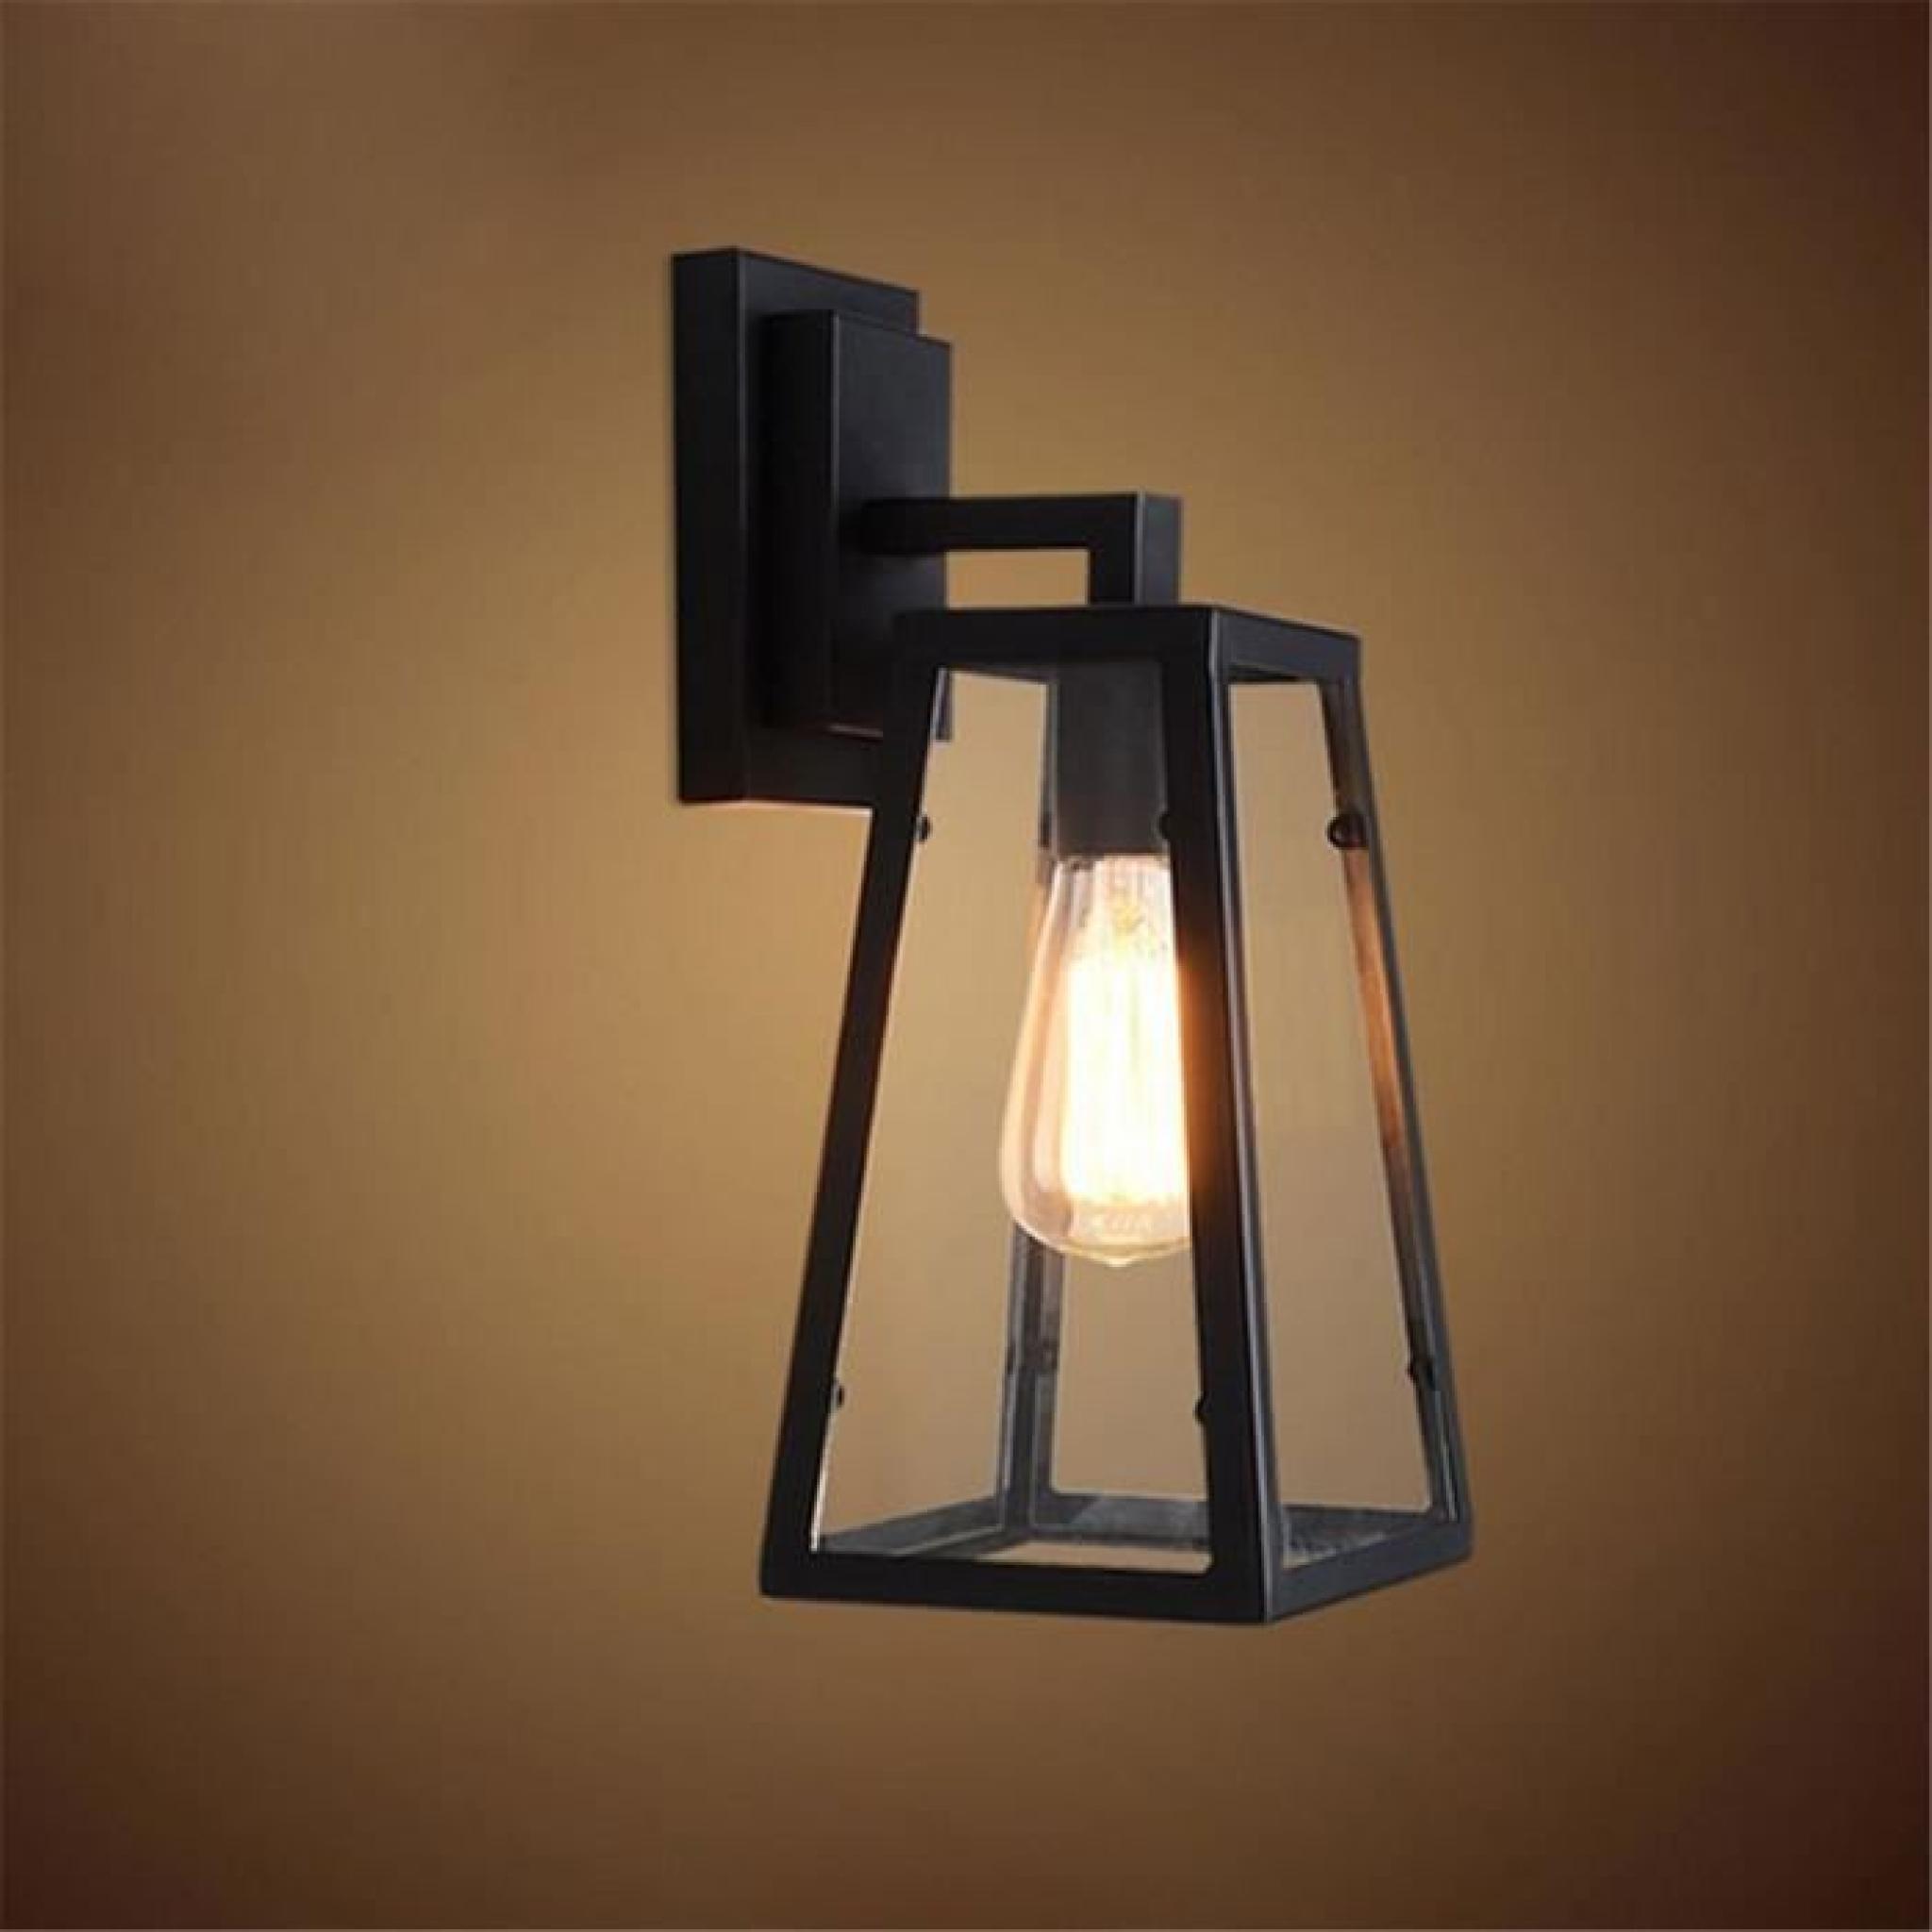 Lampe luminaire industriel luminaire et lampe style industriel